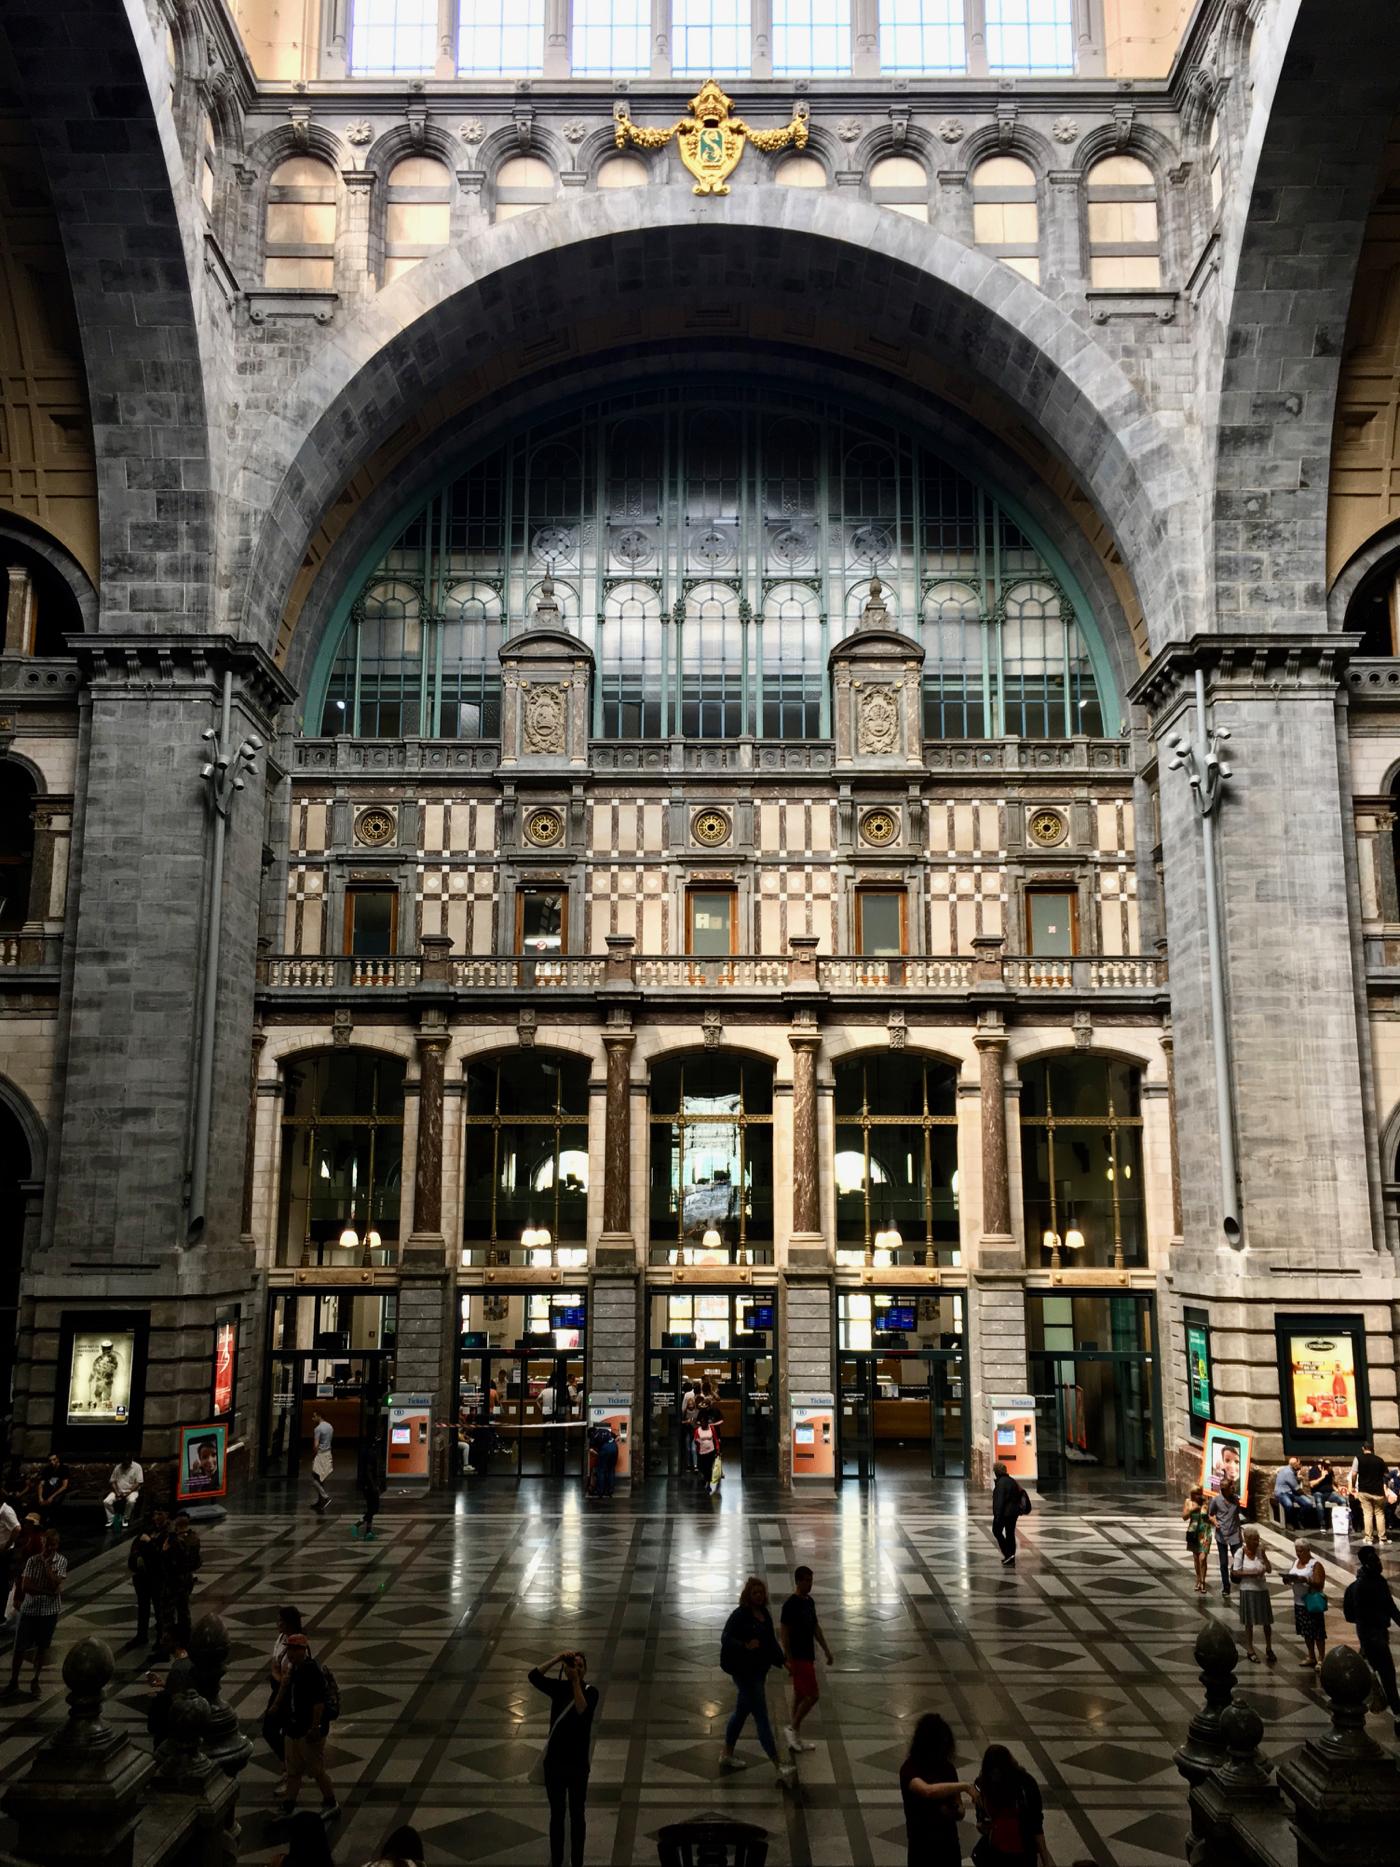 Antwerpen-Centraal, antwerp, train station, europe, belgium, belgian railways